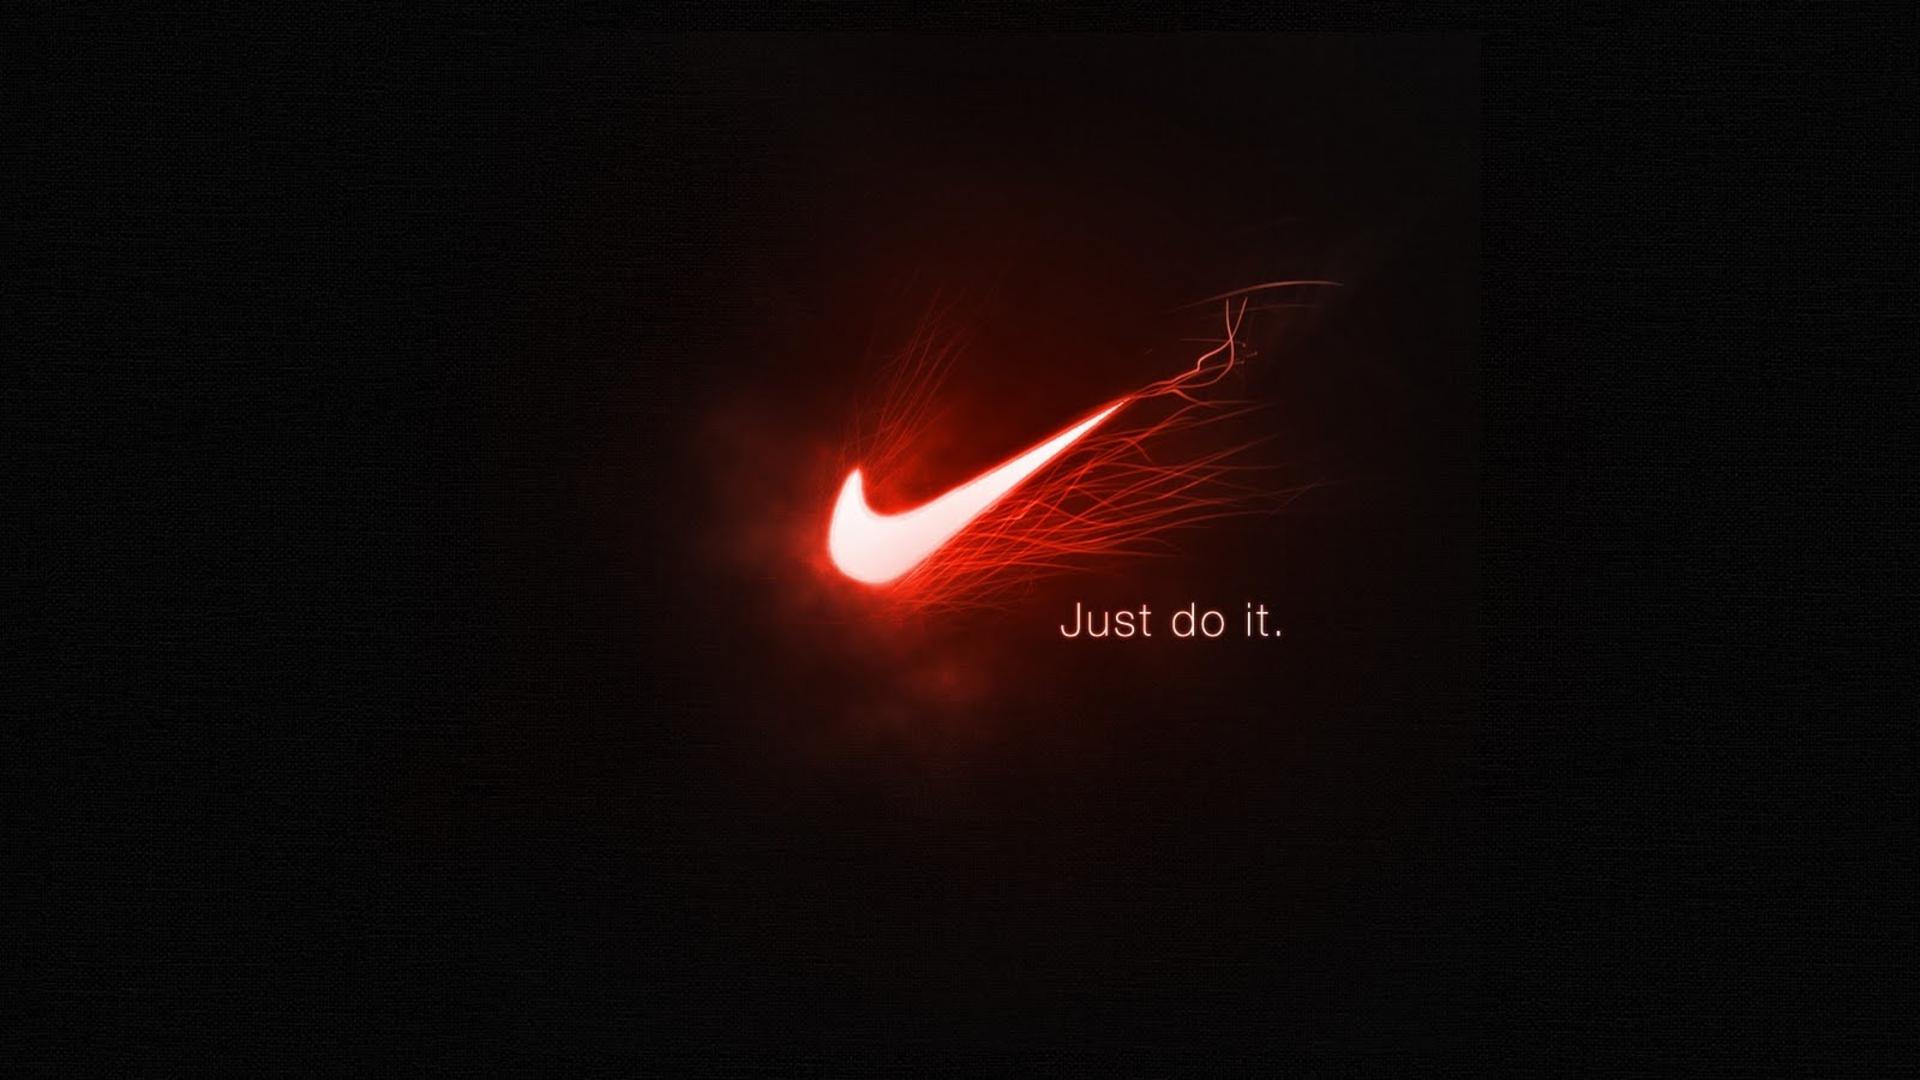 Nike Just Do It Hd Wallpaper